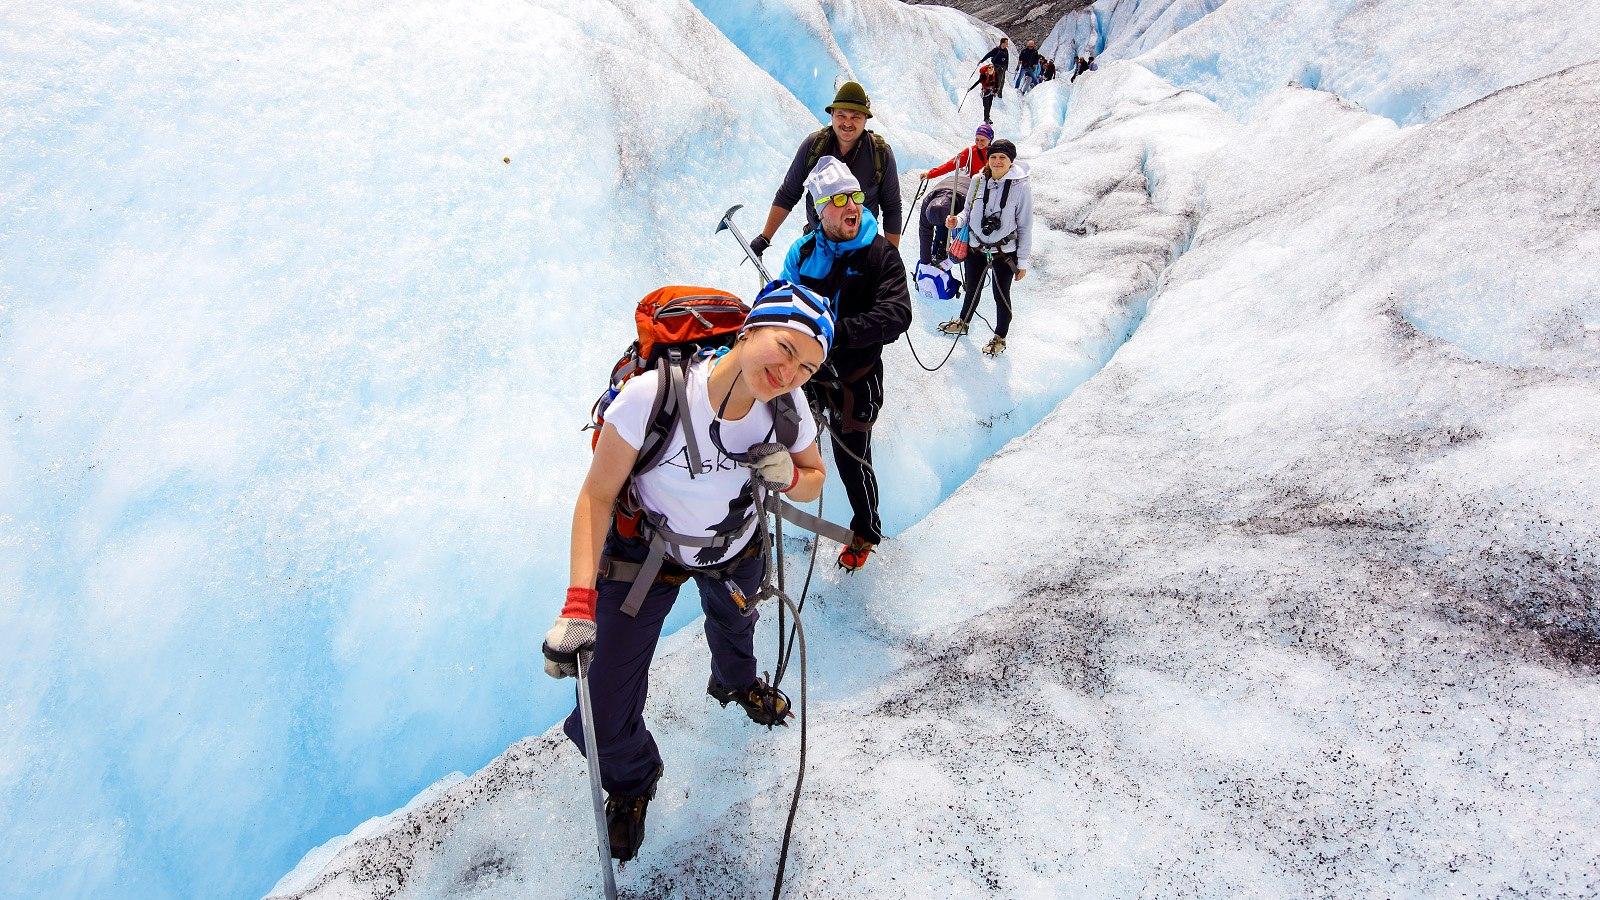 Ледниковая тропа Йостедалсбреена